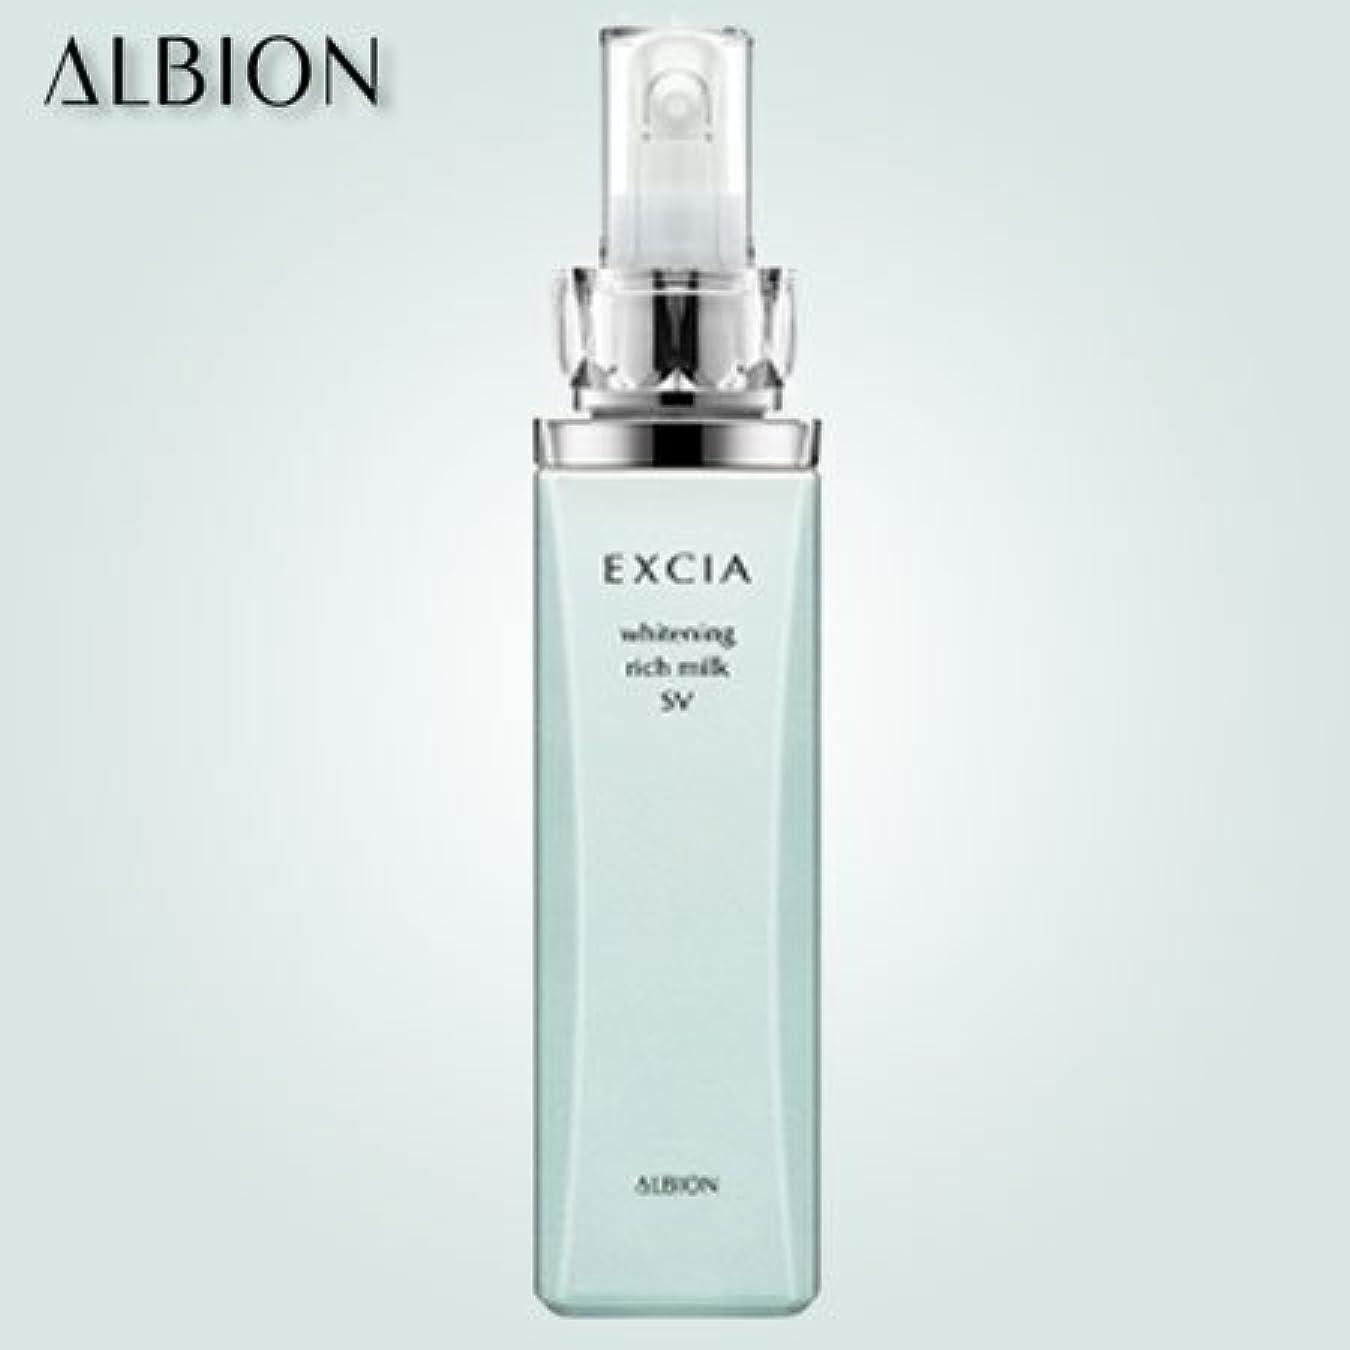 クリック母性ジムアルビオン エクシアAL ホワイトニング エクストラリッチミルク SV(ノーマル~ドライスキン用)200g-ALBION-